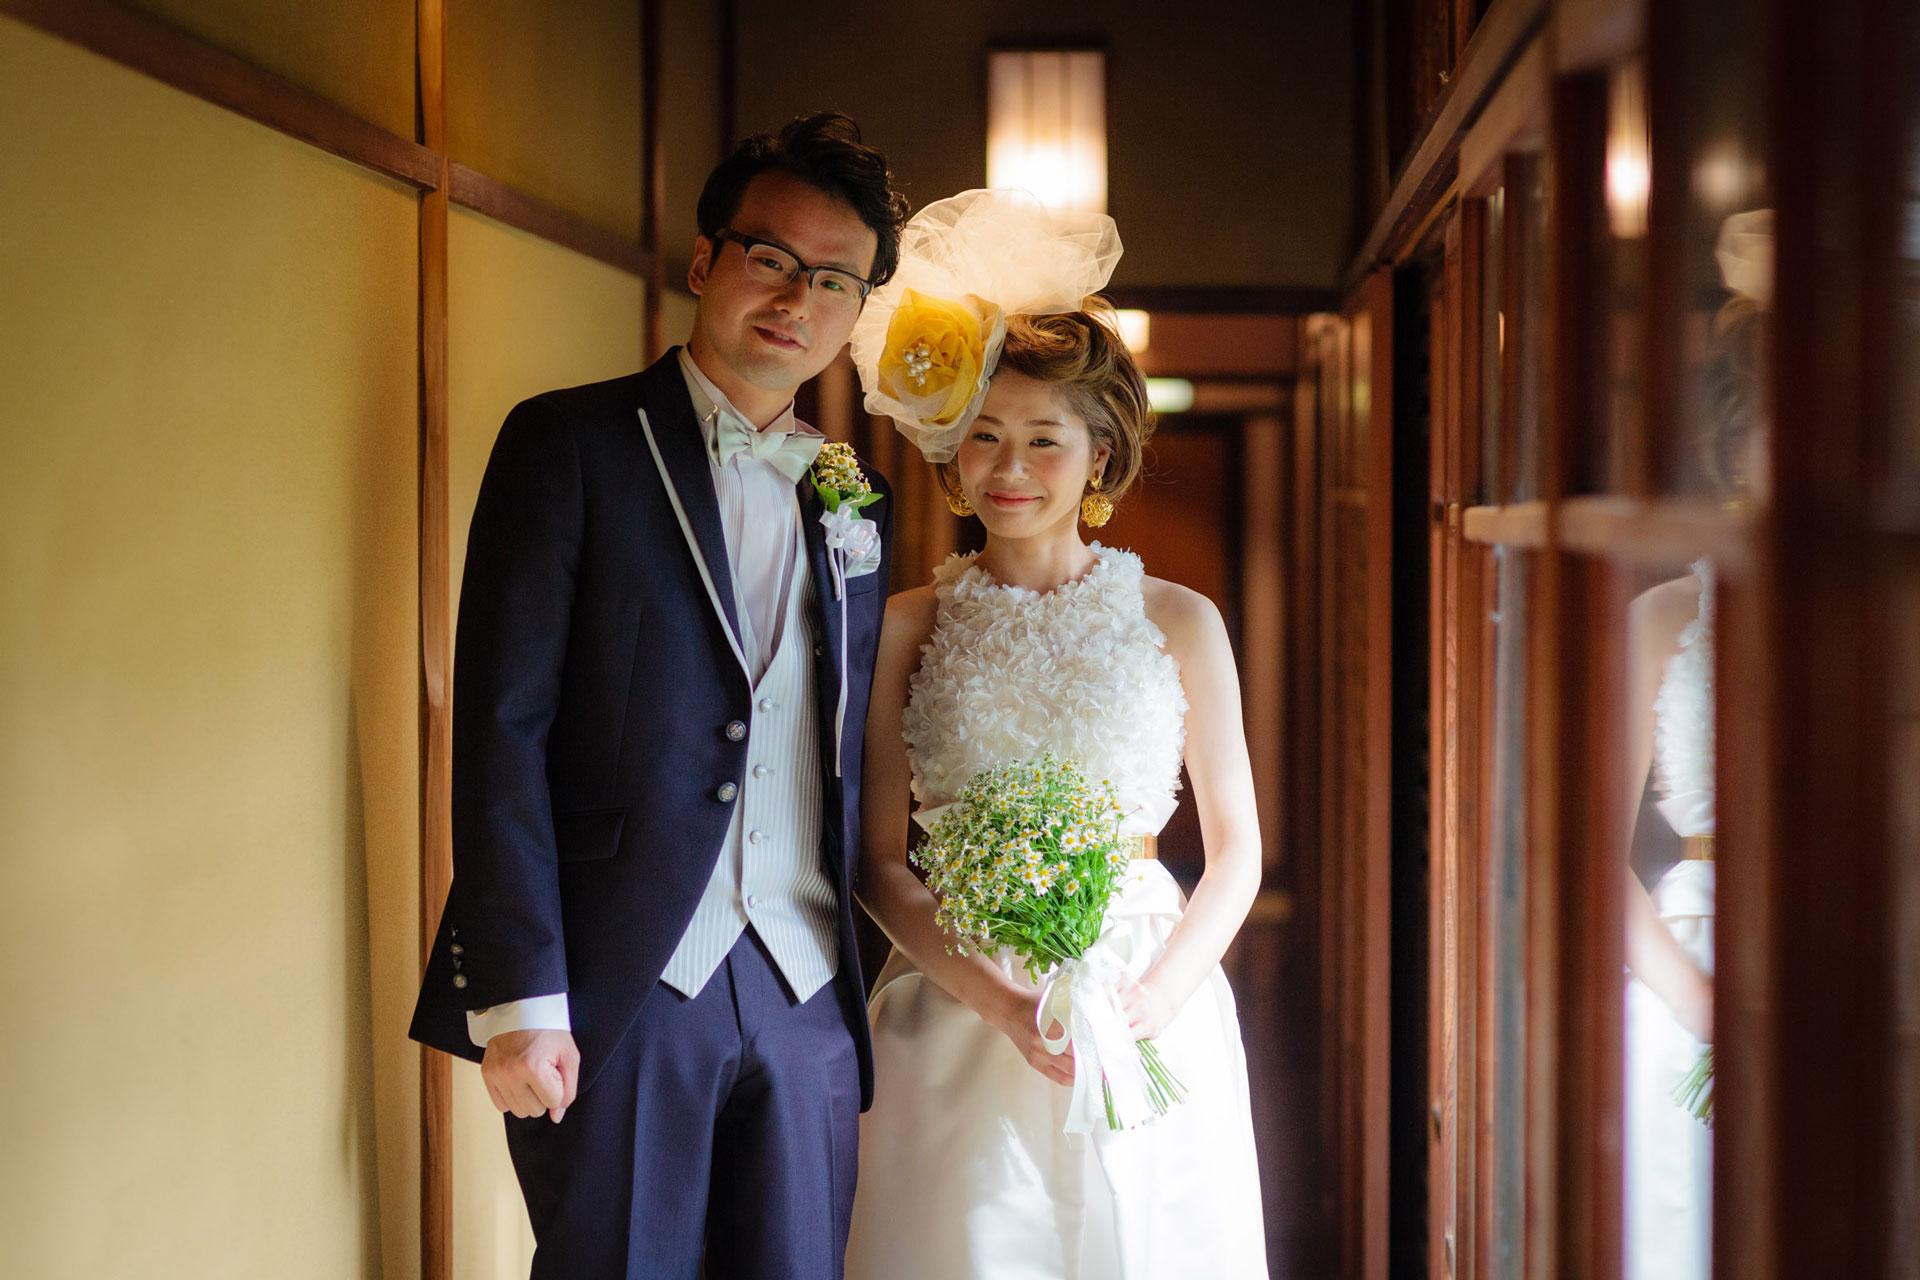 京大和の施設内にて撮影された洋装の新郎新婦